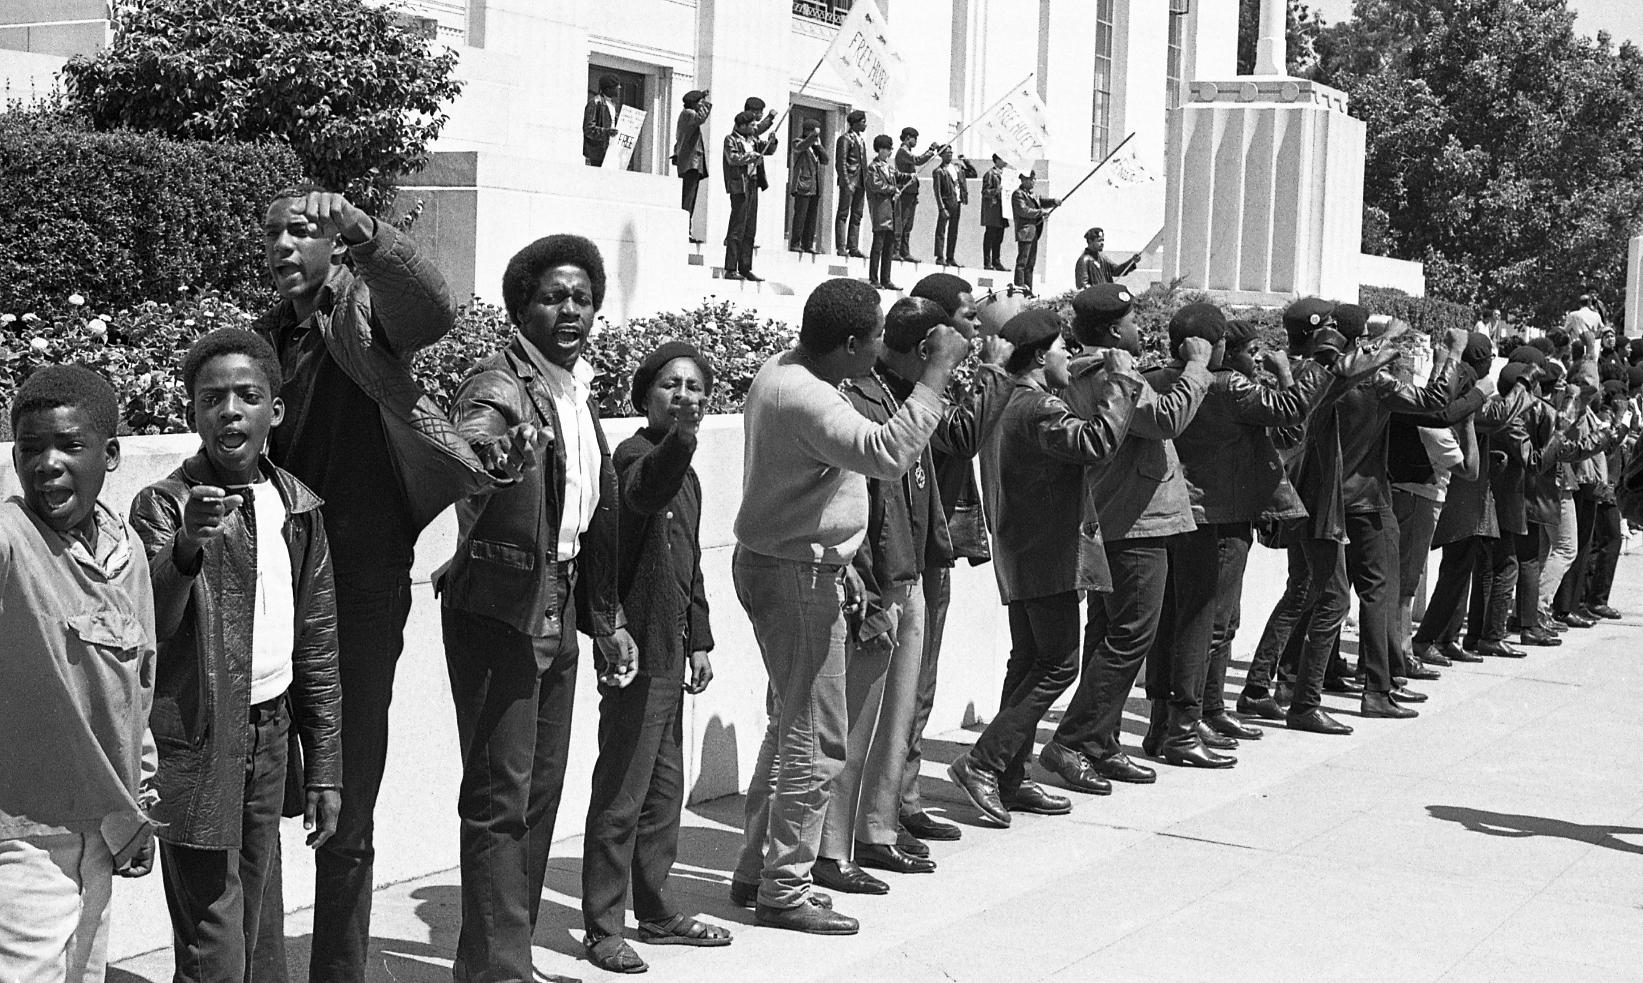 Demonstrators rally outside Huey Newton's murder trial in Oakland in 1968.